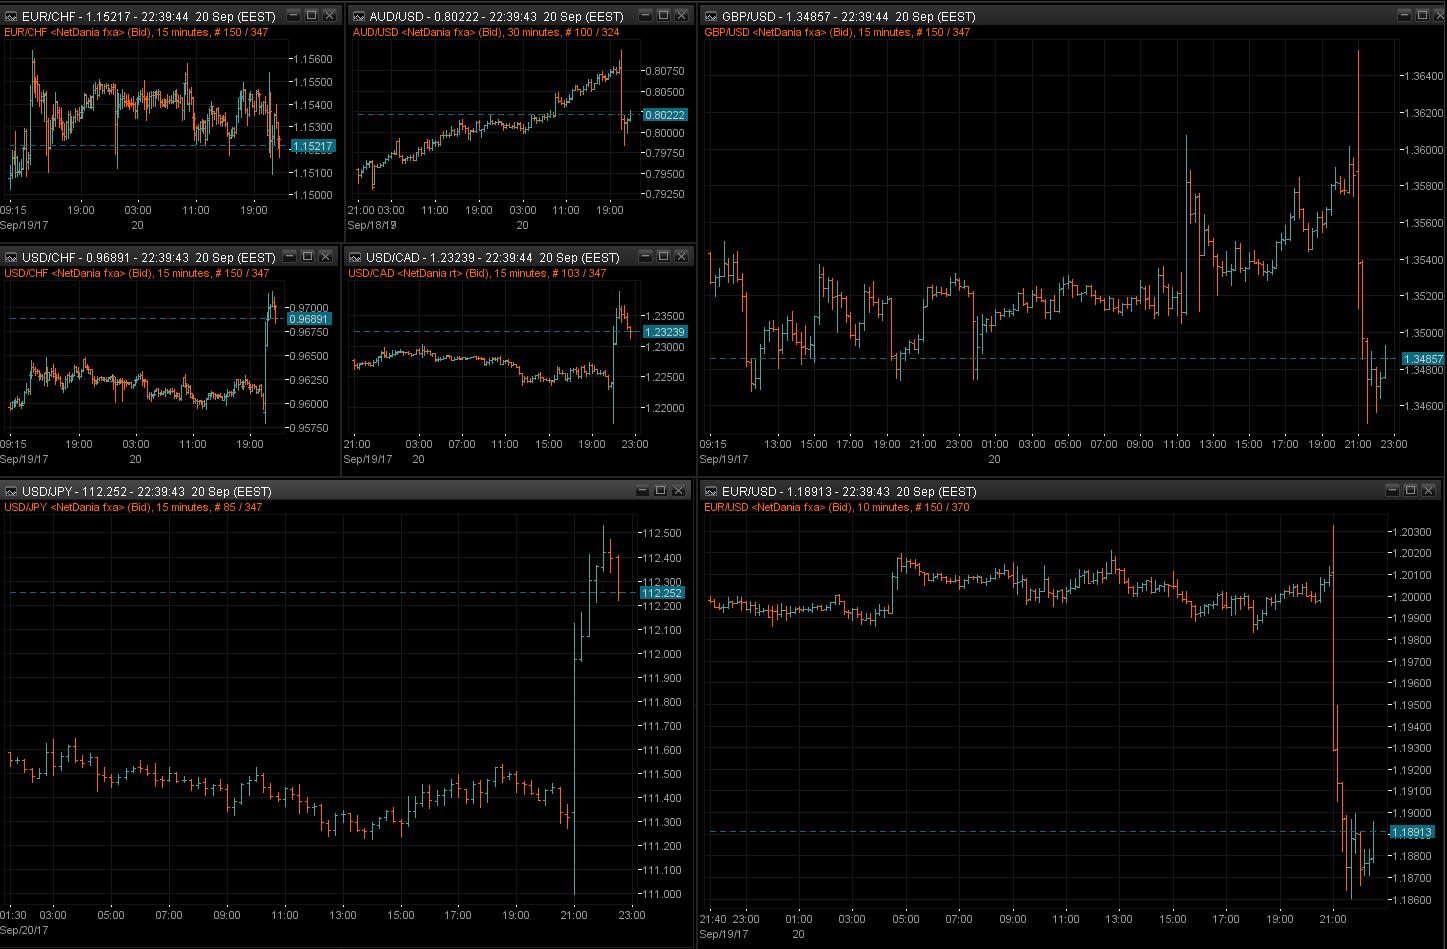 GBPUSD USDJPY EURUSD 15m chart